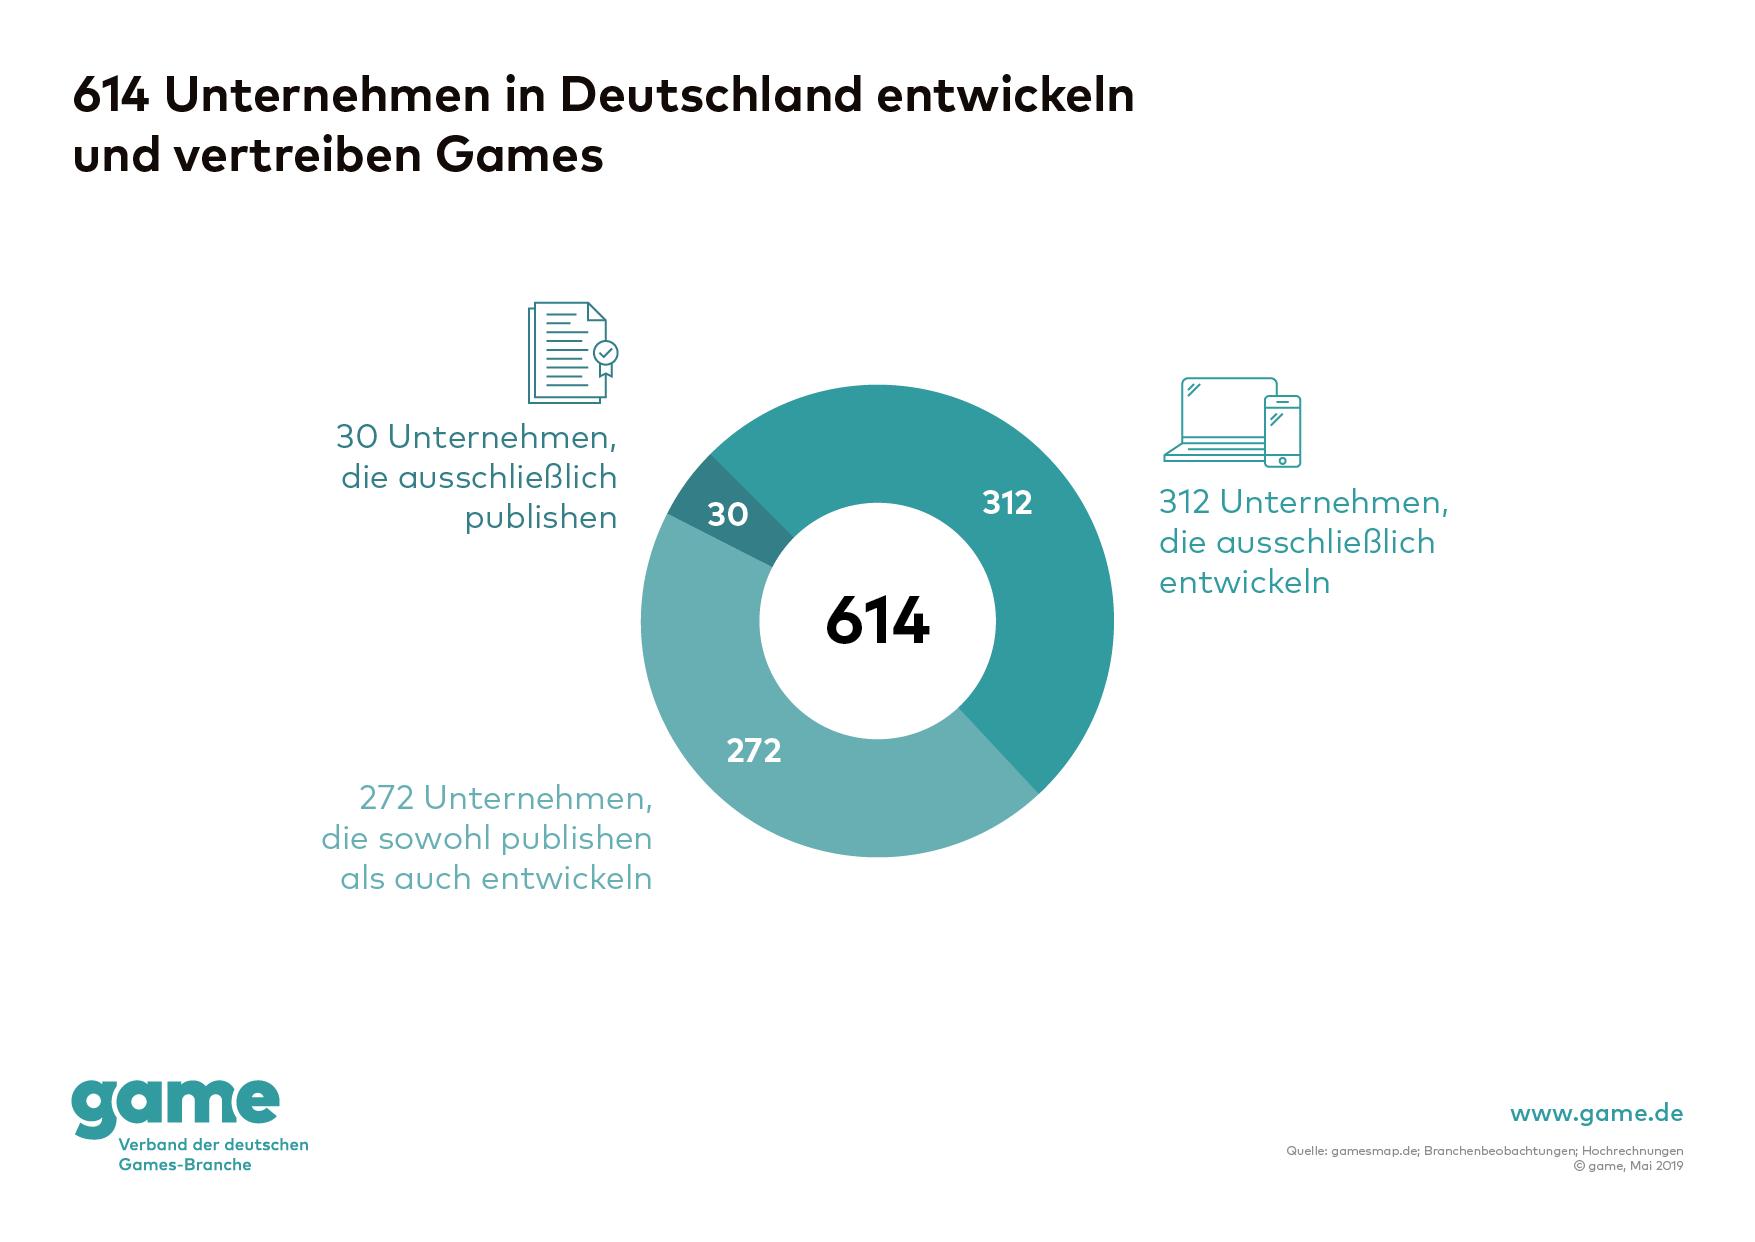 Spielebranche: Immer weniger wollen Spiele in Deutschland entwickeln - 614 Unternehmen in Detuschland entwickeln und vertreiben Games (Grafik: Game)